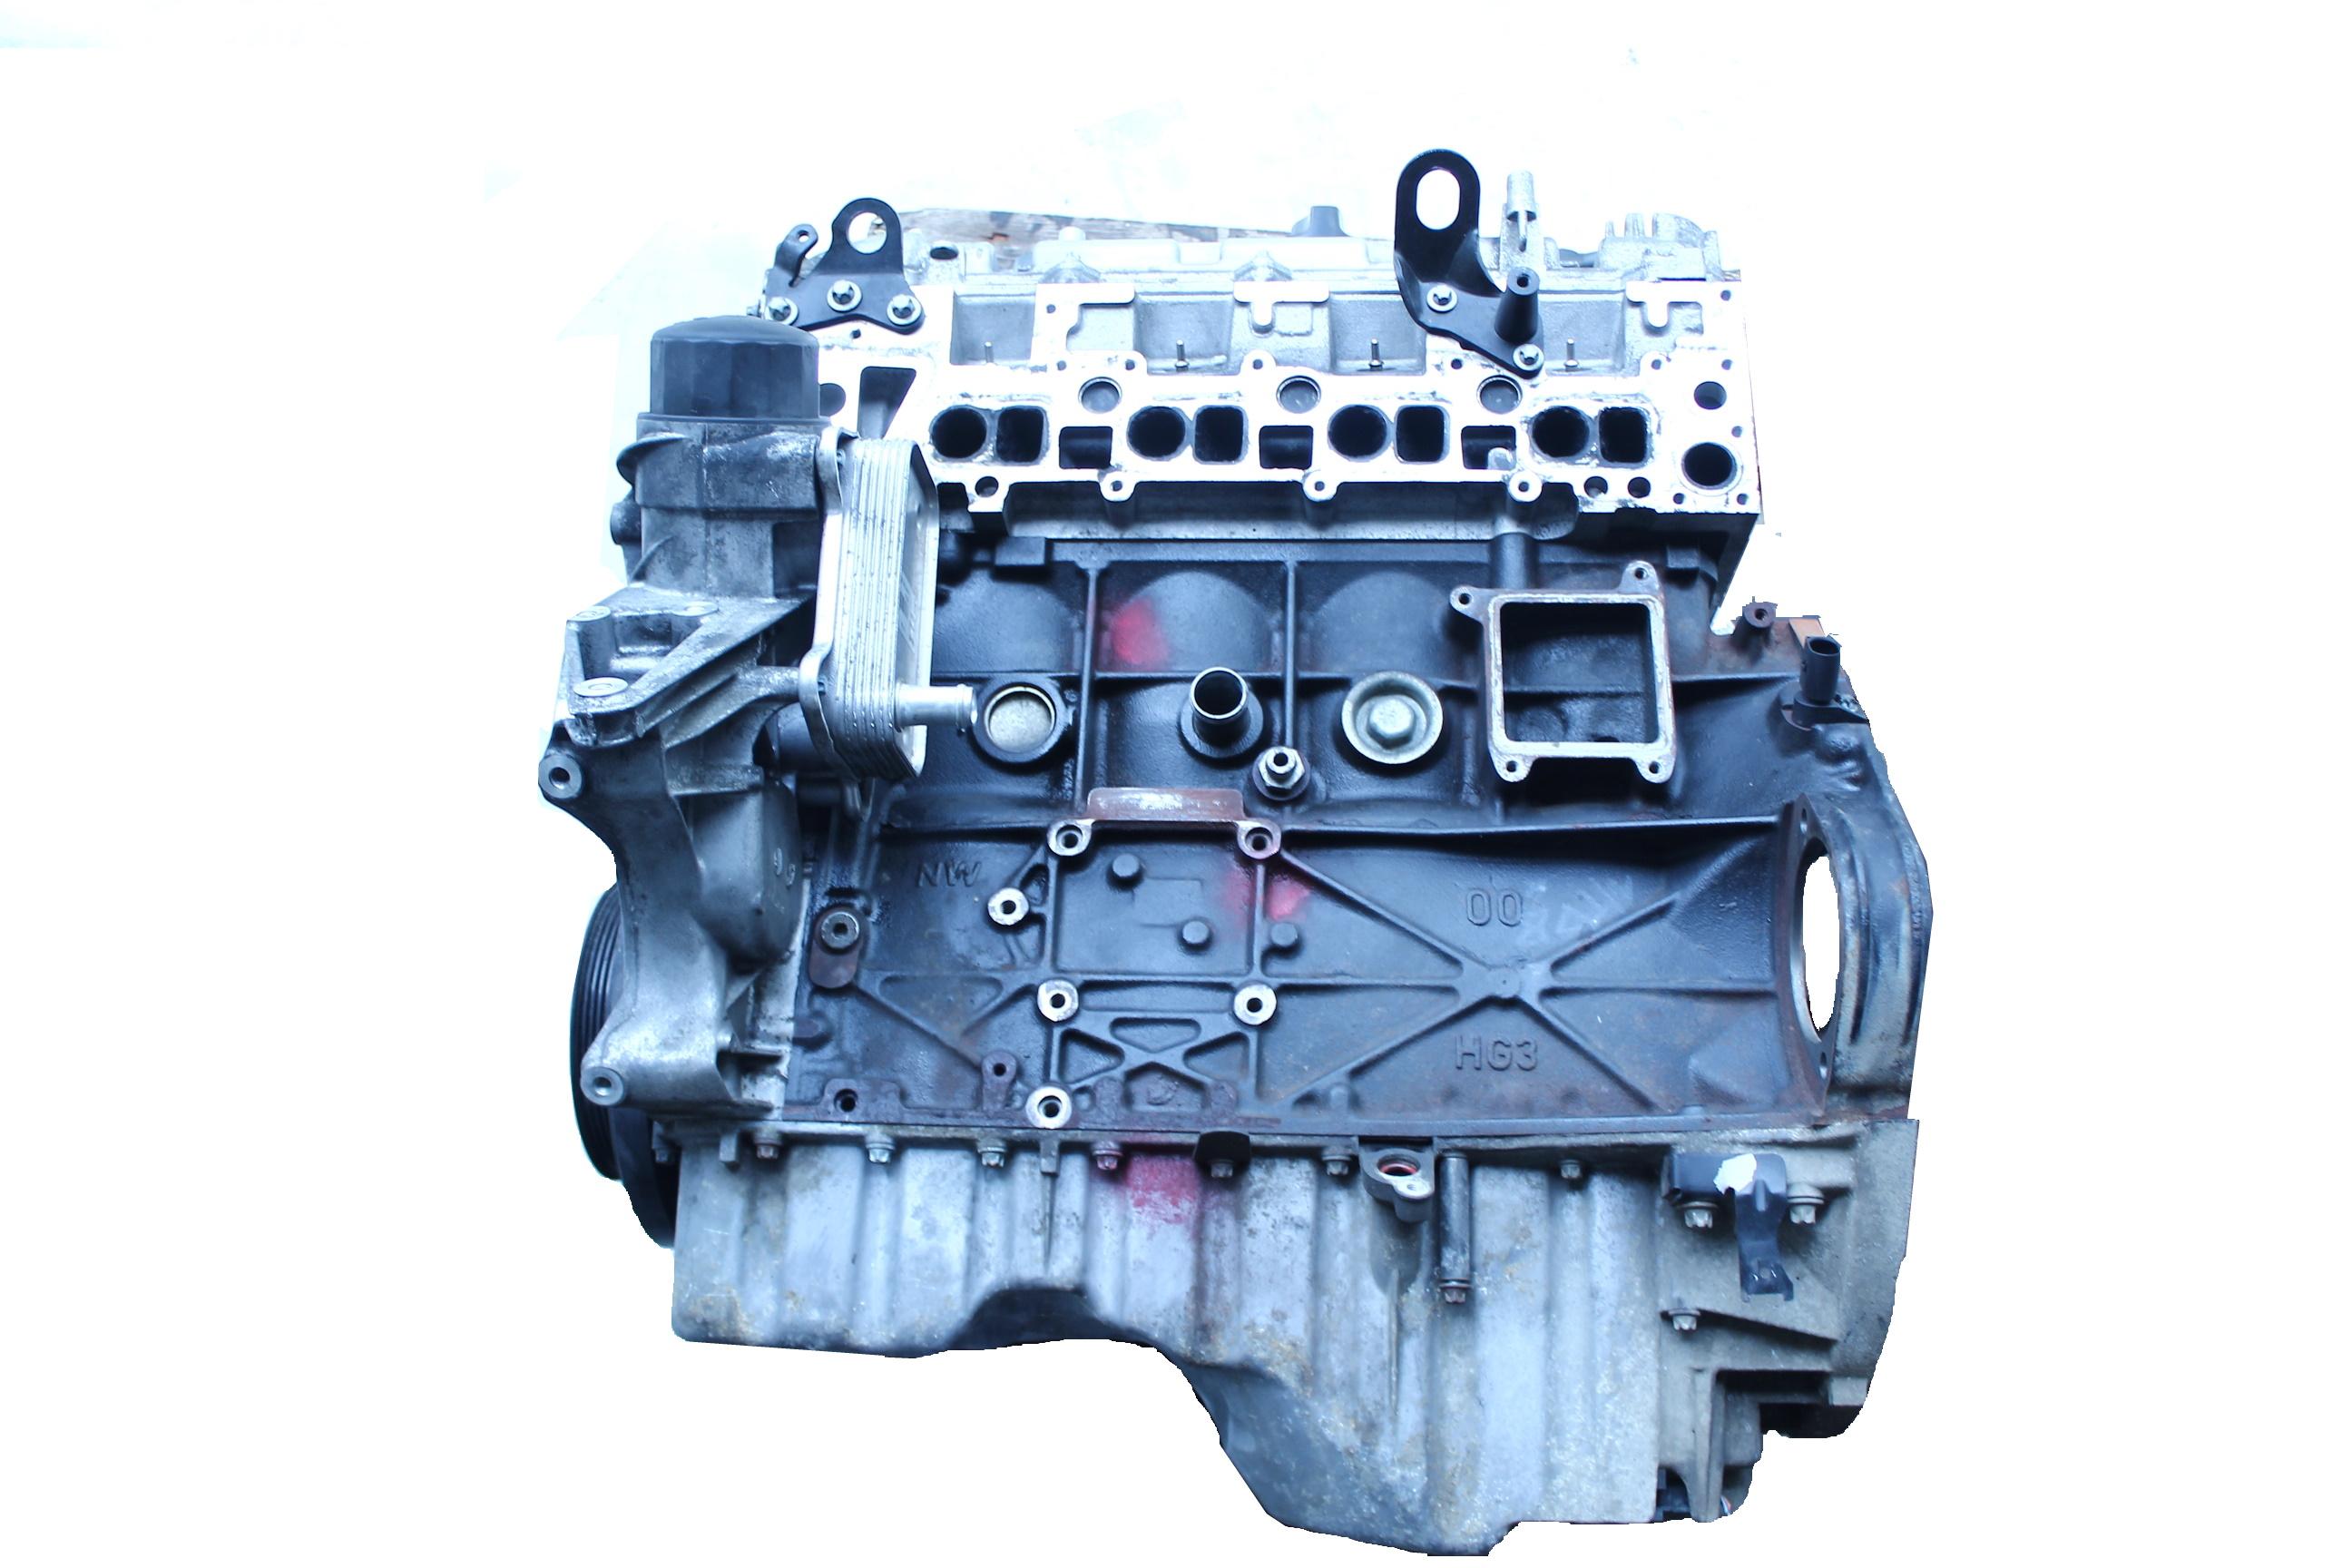 Motor 2006 Mercedes Benz W203 C220 S203 2,2 CDI 646.963 mit Einspritzdüsen